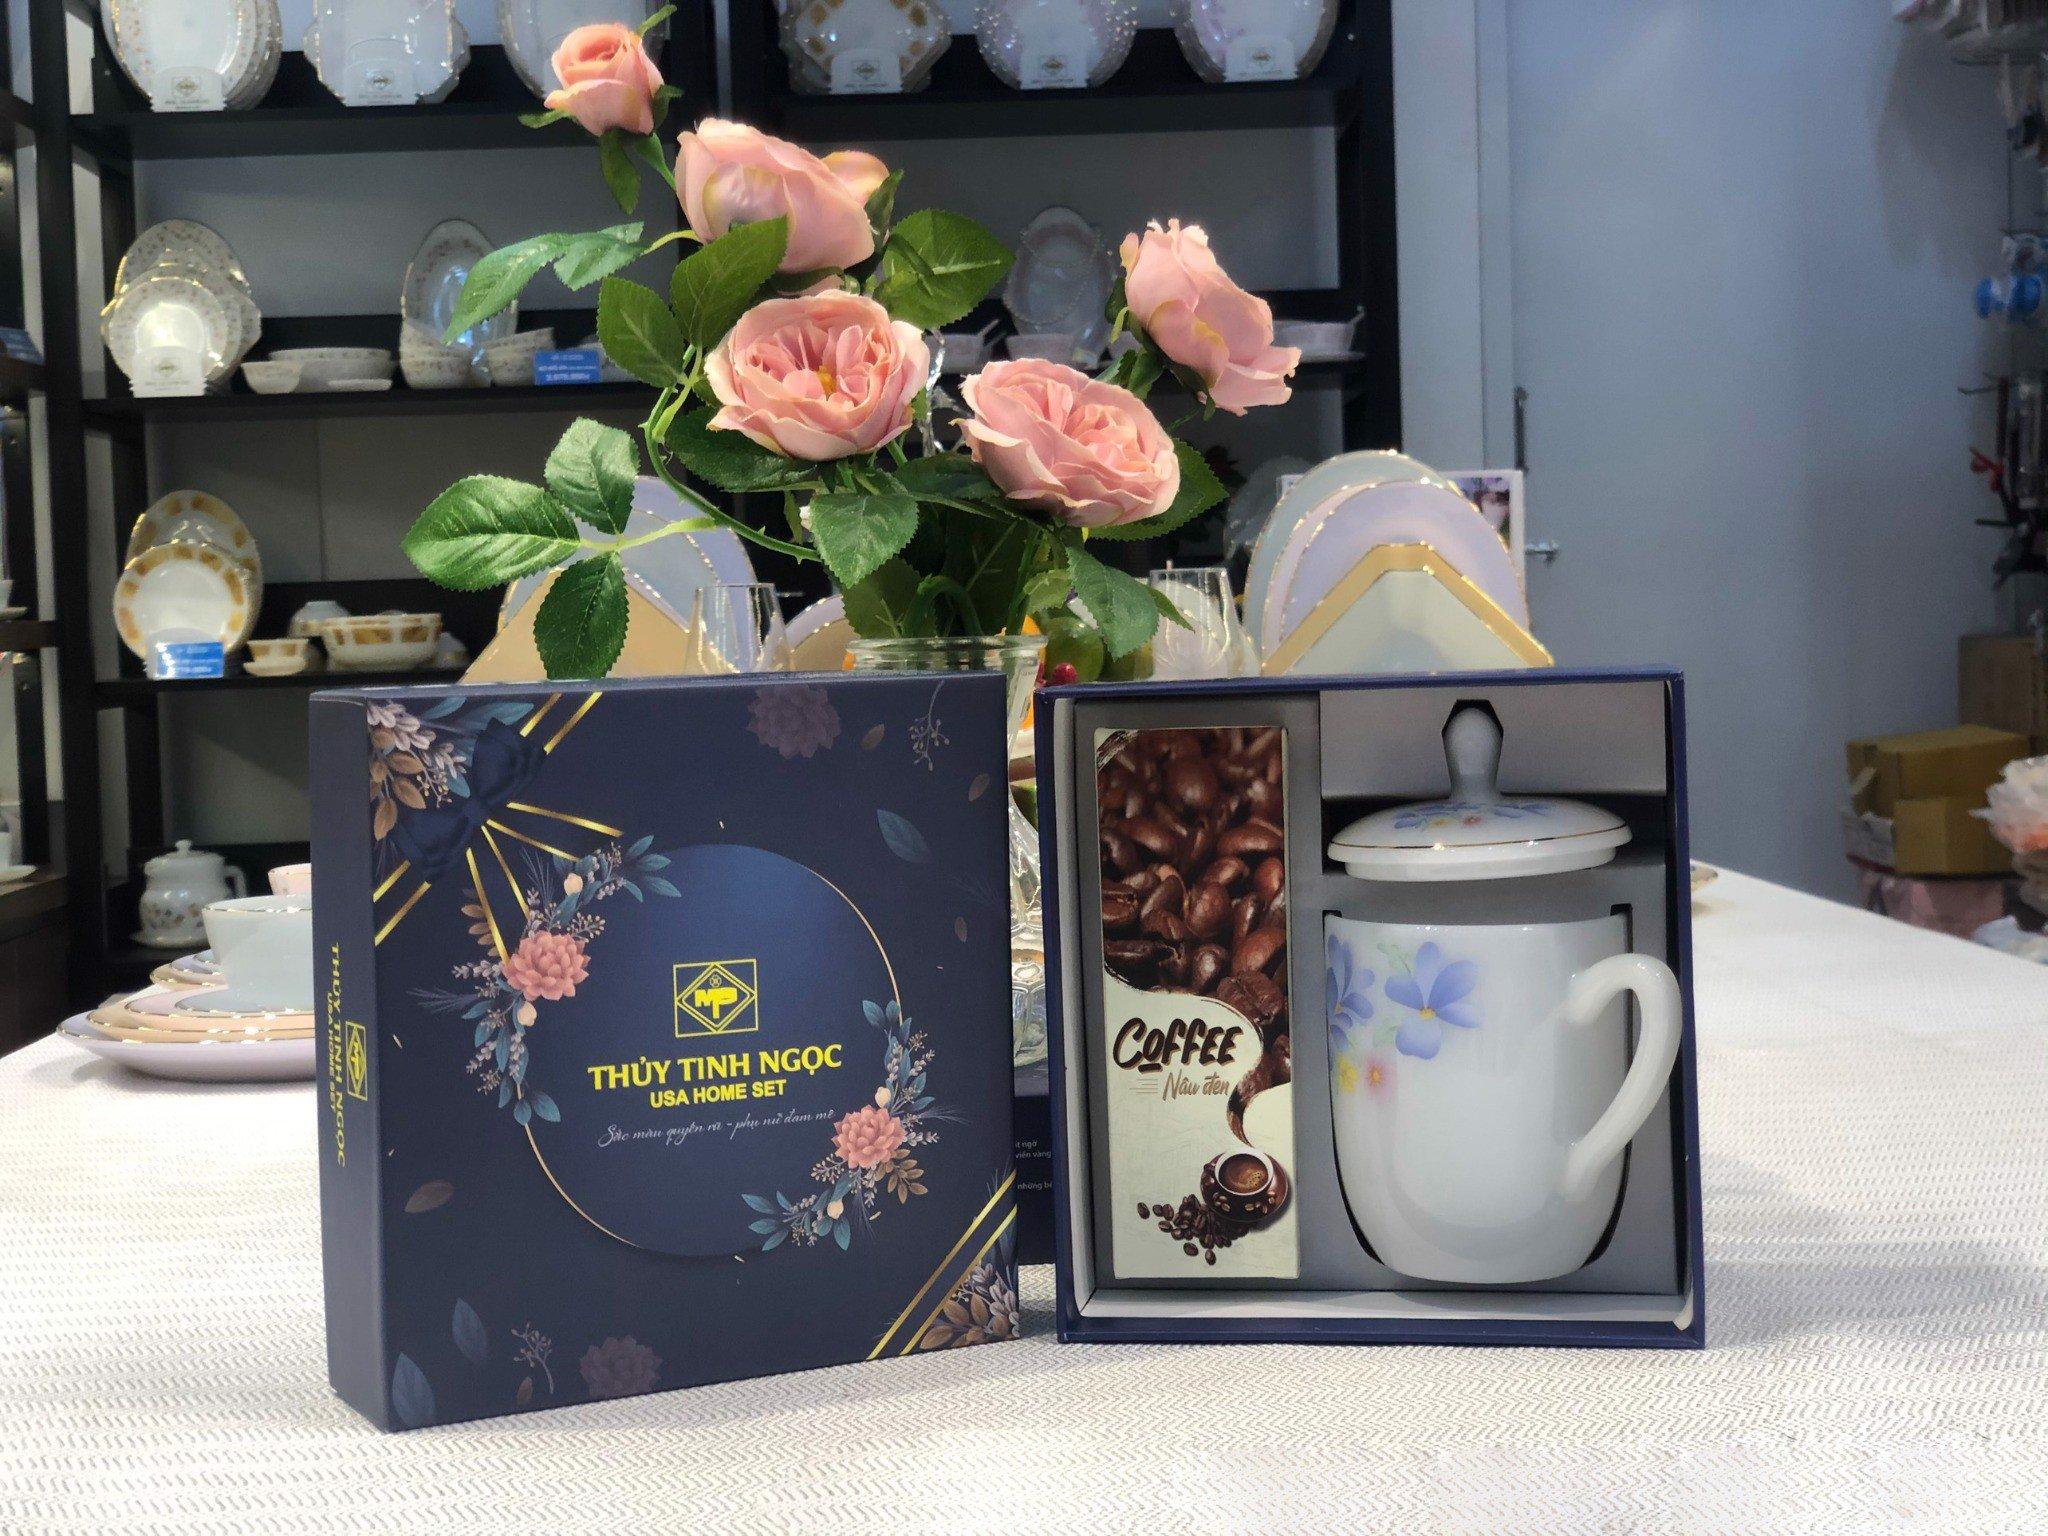 Bộ quà tặng ca trà kèm hộp trà,cafe hoa xanh